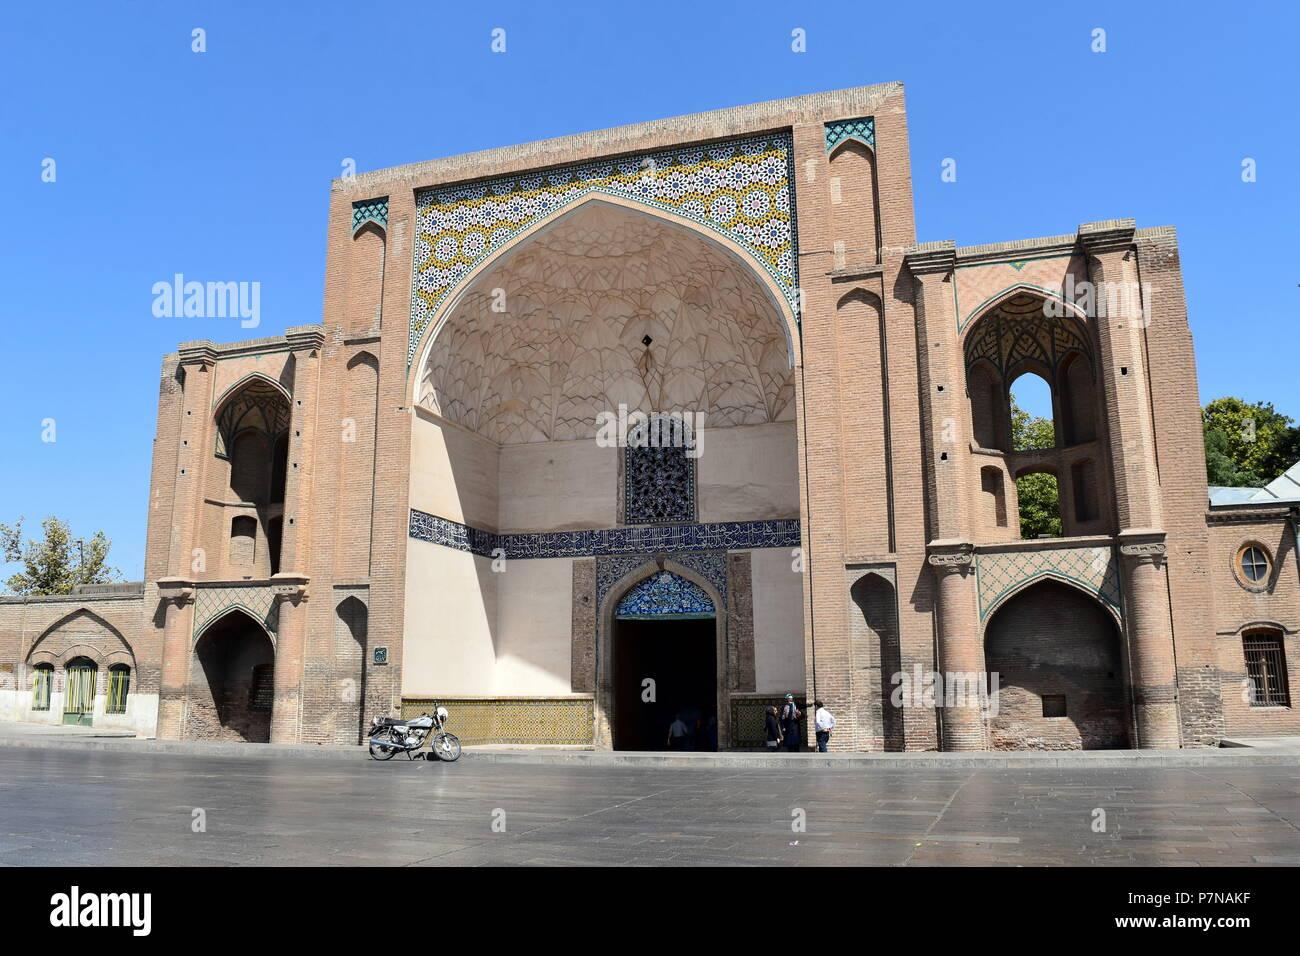 Iran gate storico iwan: bella iraniano e Architettura islamica a Qazvin, Iran Immagini Stock